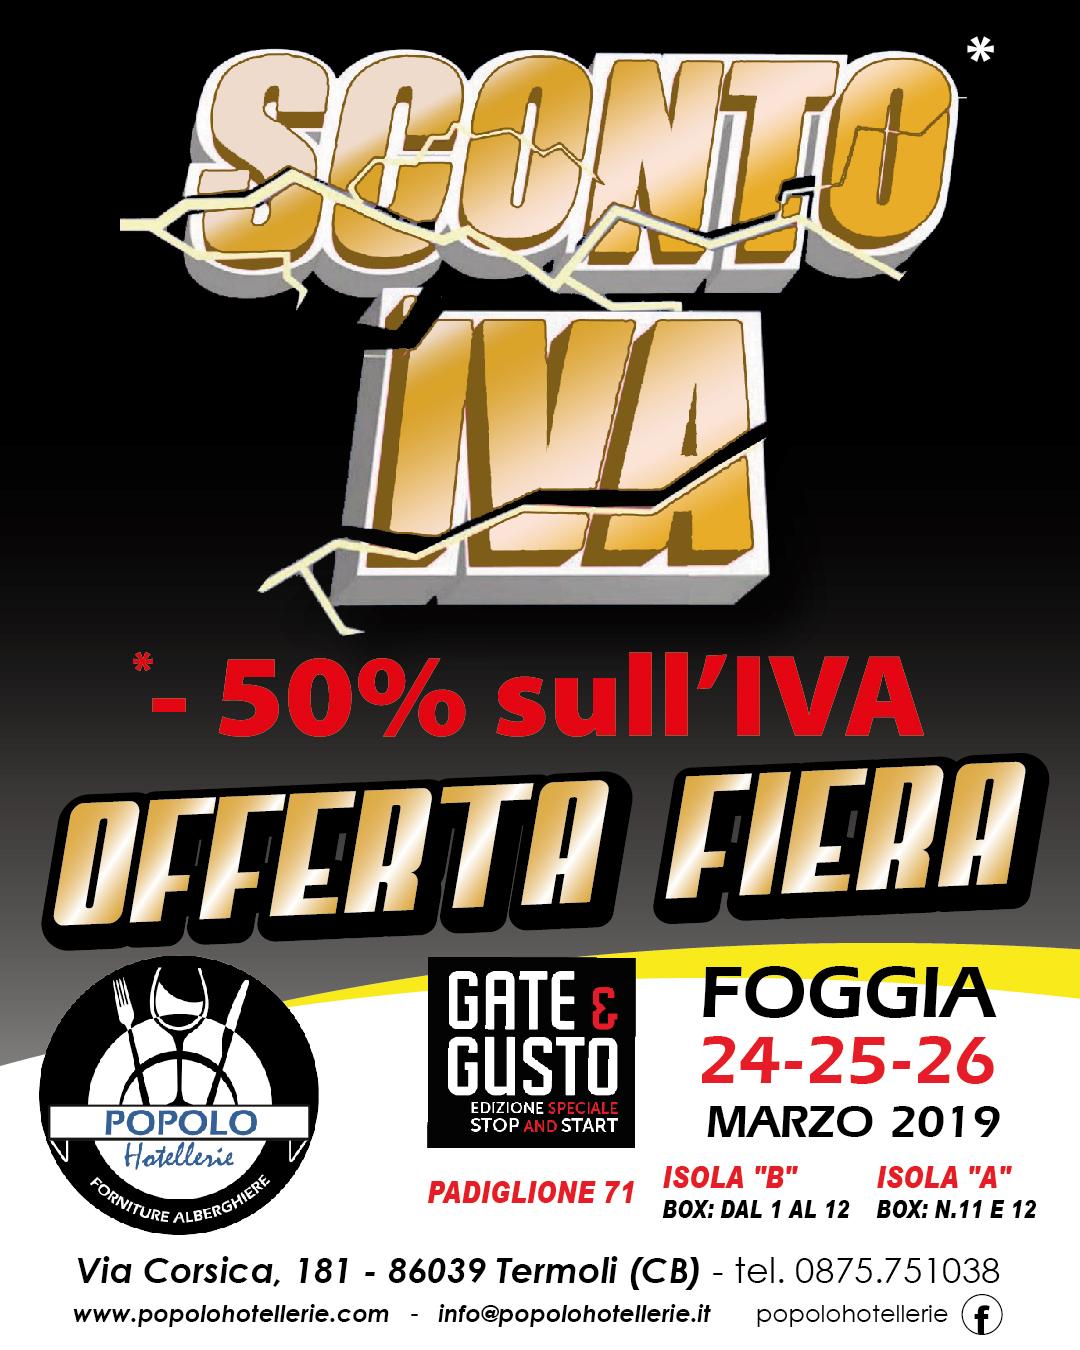 Popolo Hotellerie a GATE&GUSTO a Foggia. Vieni ed approfitta dei favolosi sconti del 50% sull'IVA